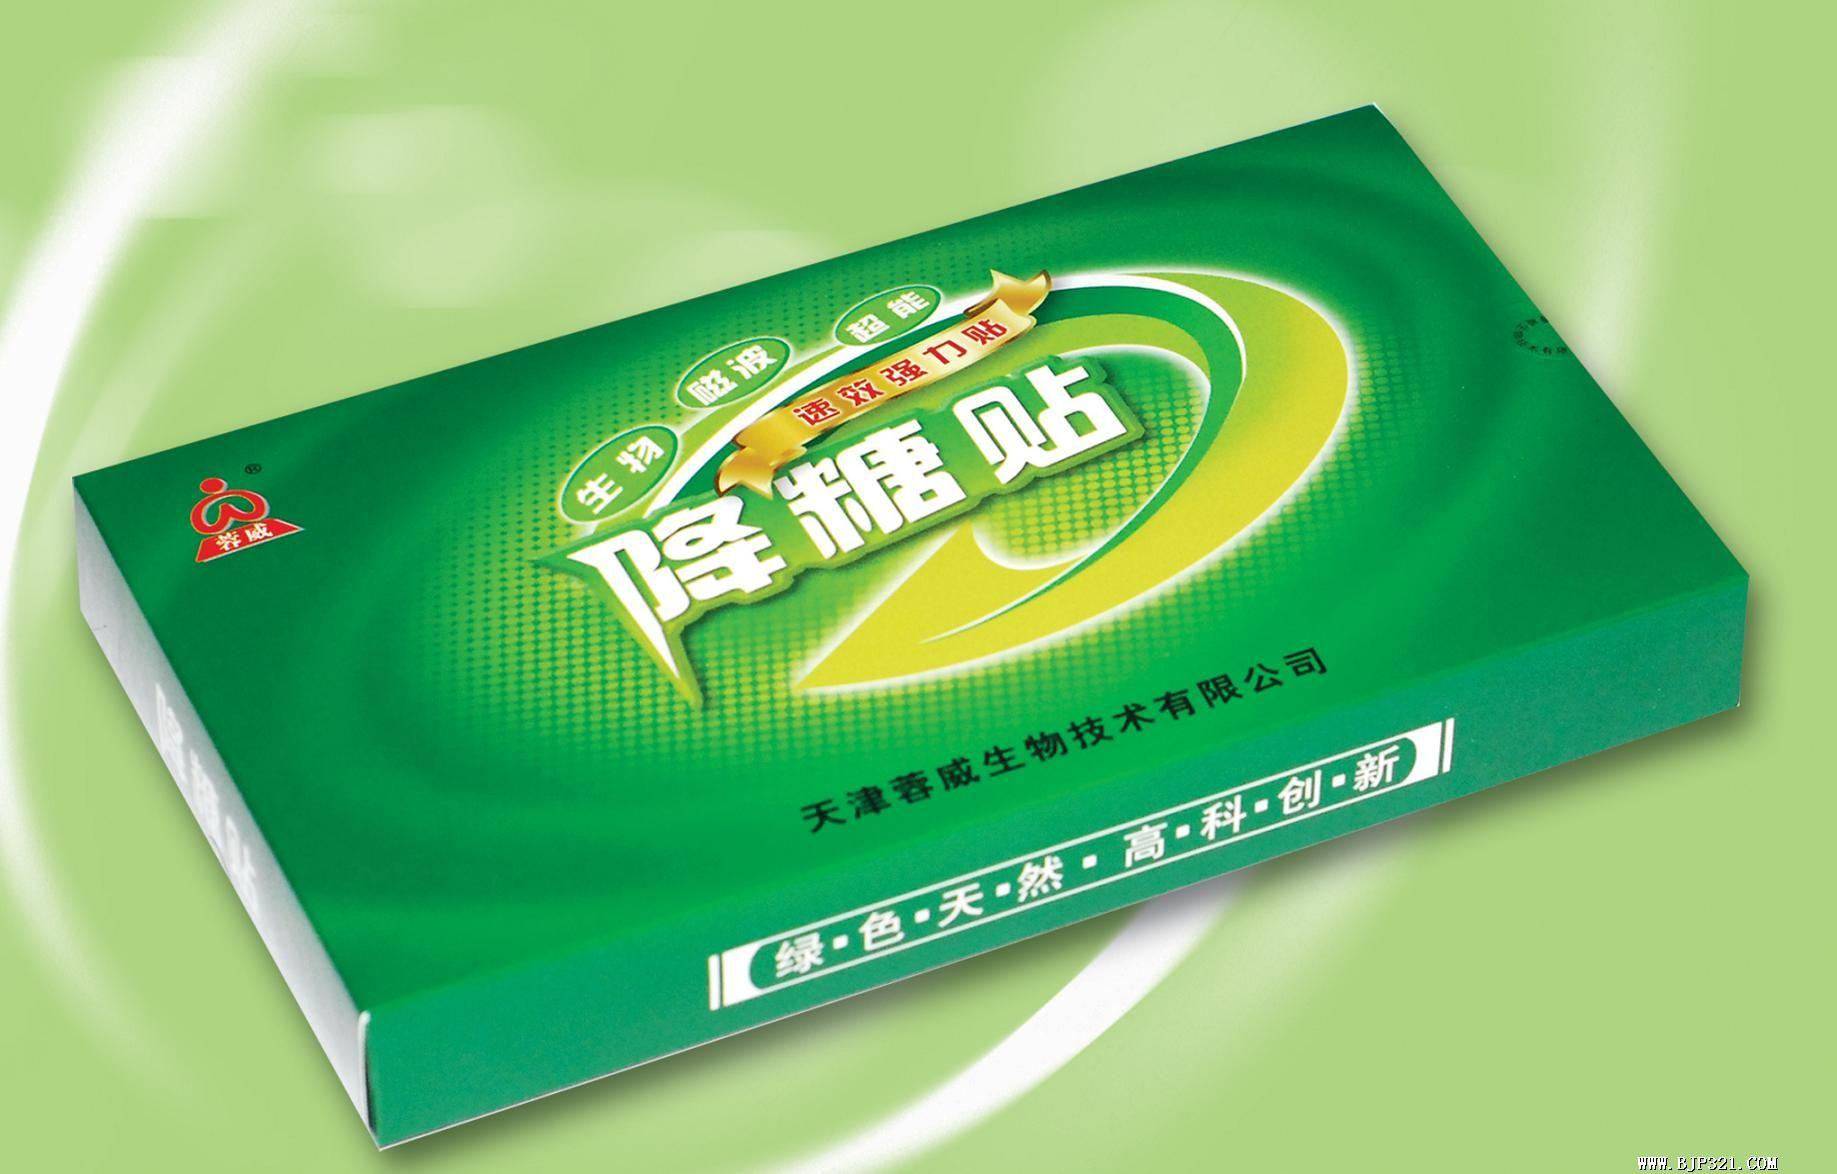 青岛凯瑞特生物科技有限公司 -降糖贴